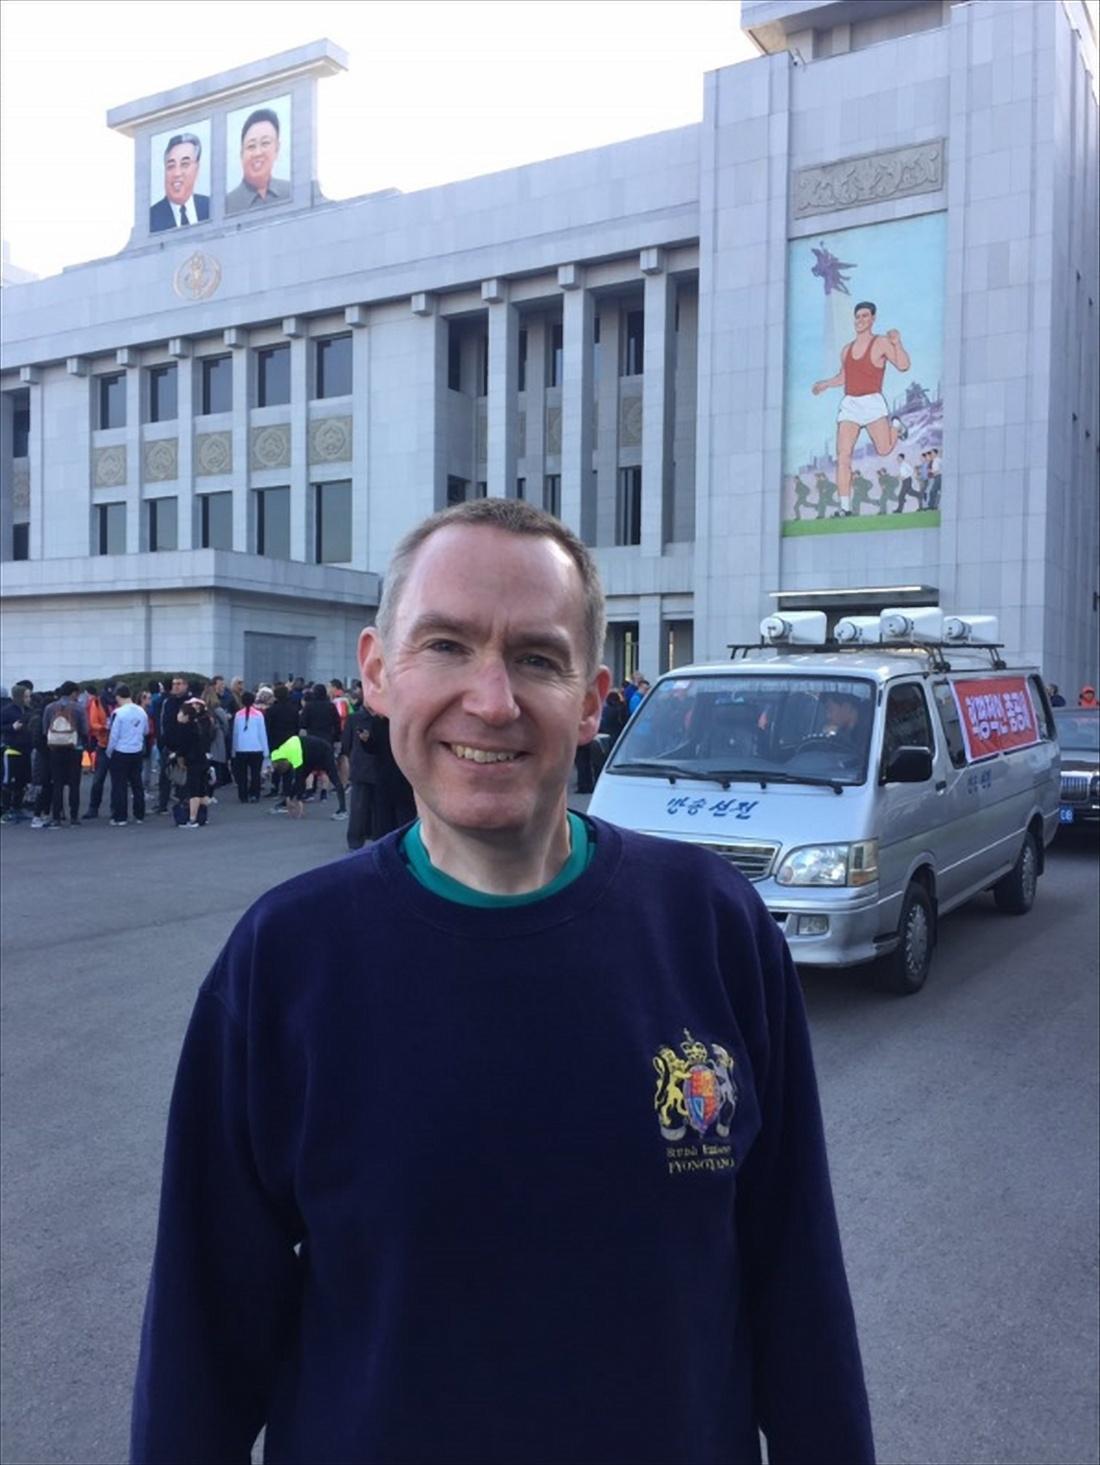 콜린 크룩스 북한 주재 영국대사가 7일 트위터 계정으로 이날 평양에서 열린 '만경대상' 국제마라톤대회 모습을 공개했다. [연합뉴스]